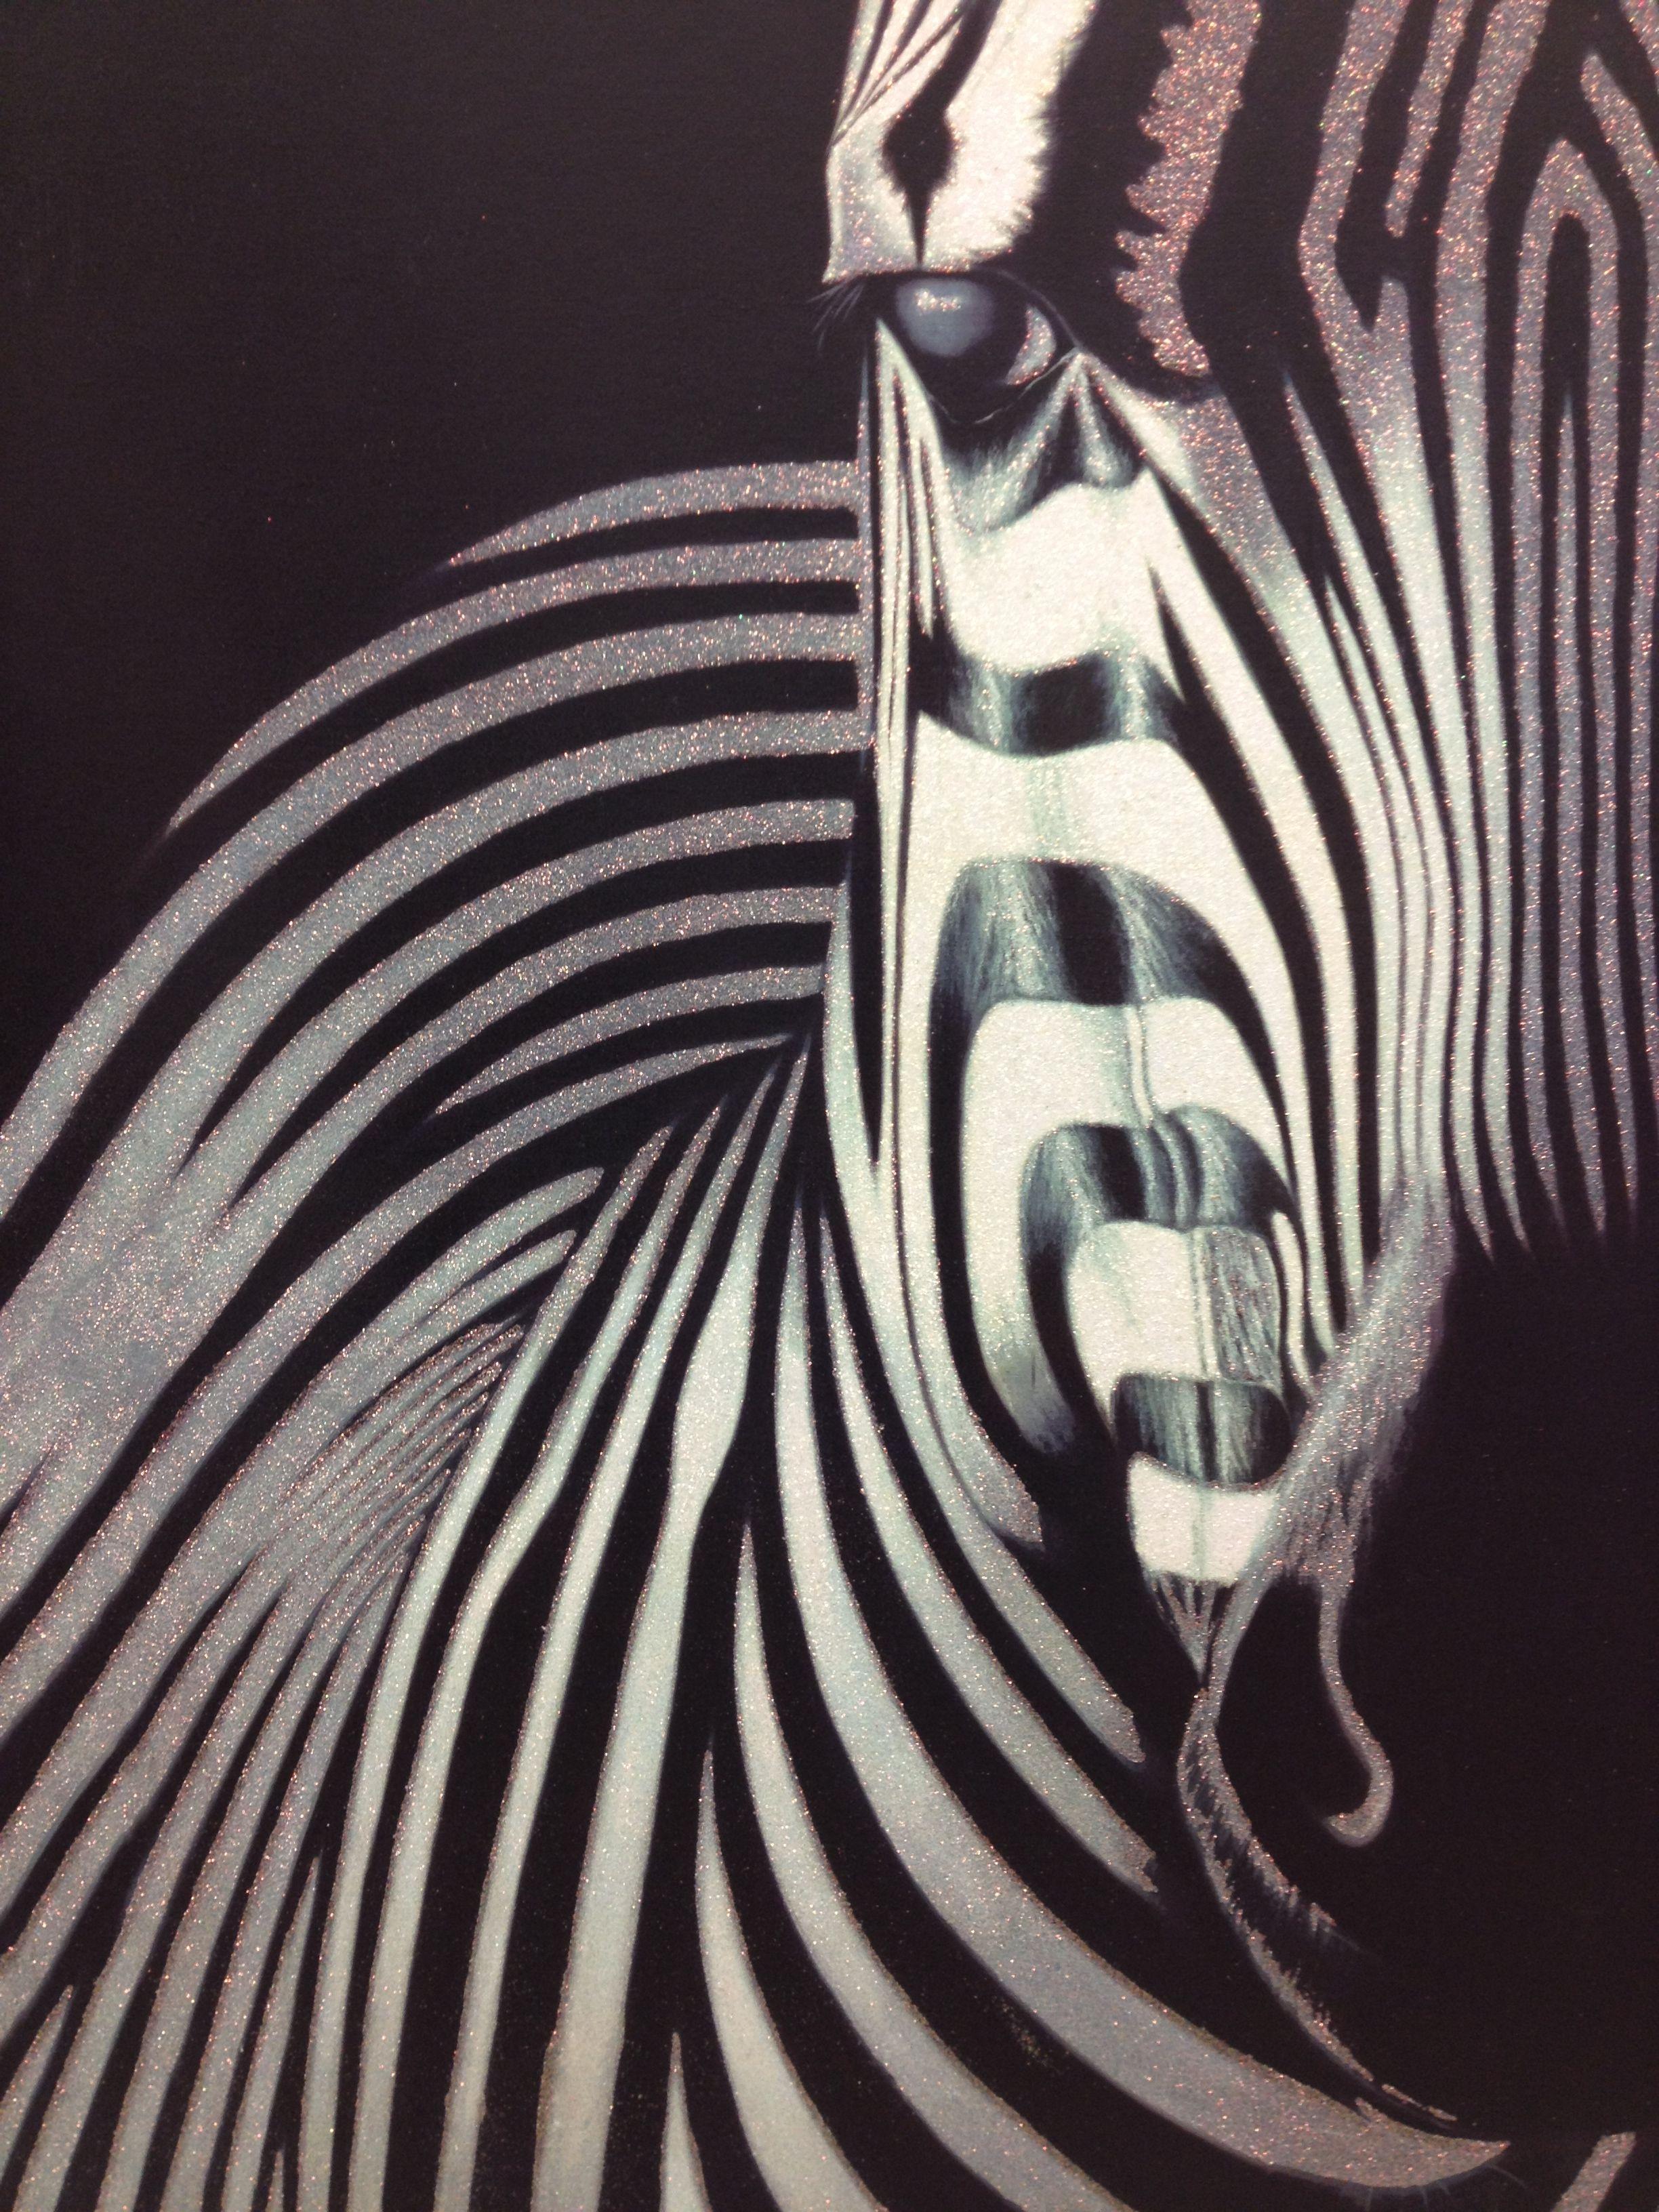 2448x3264 Zebra Face Front